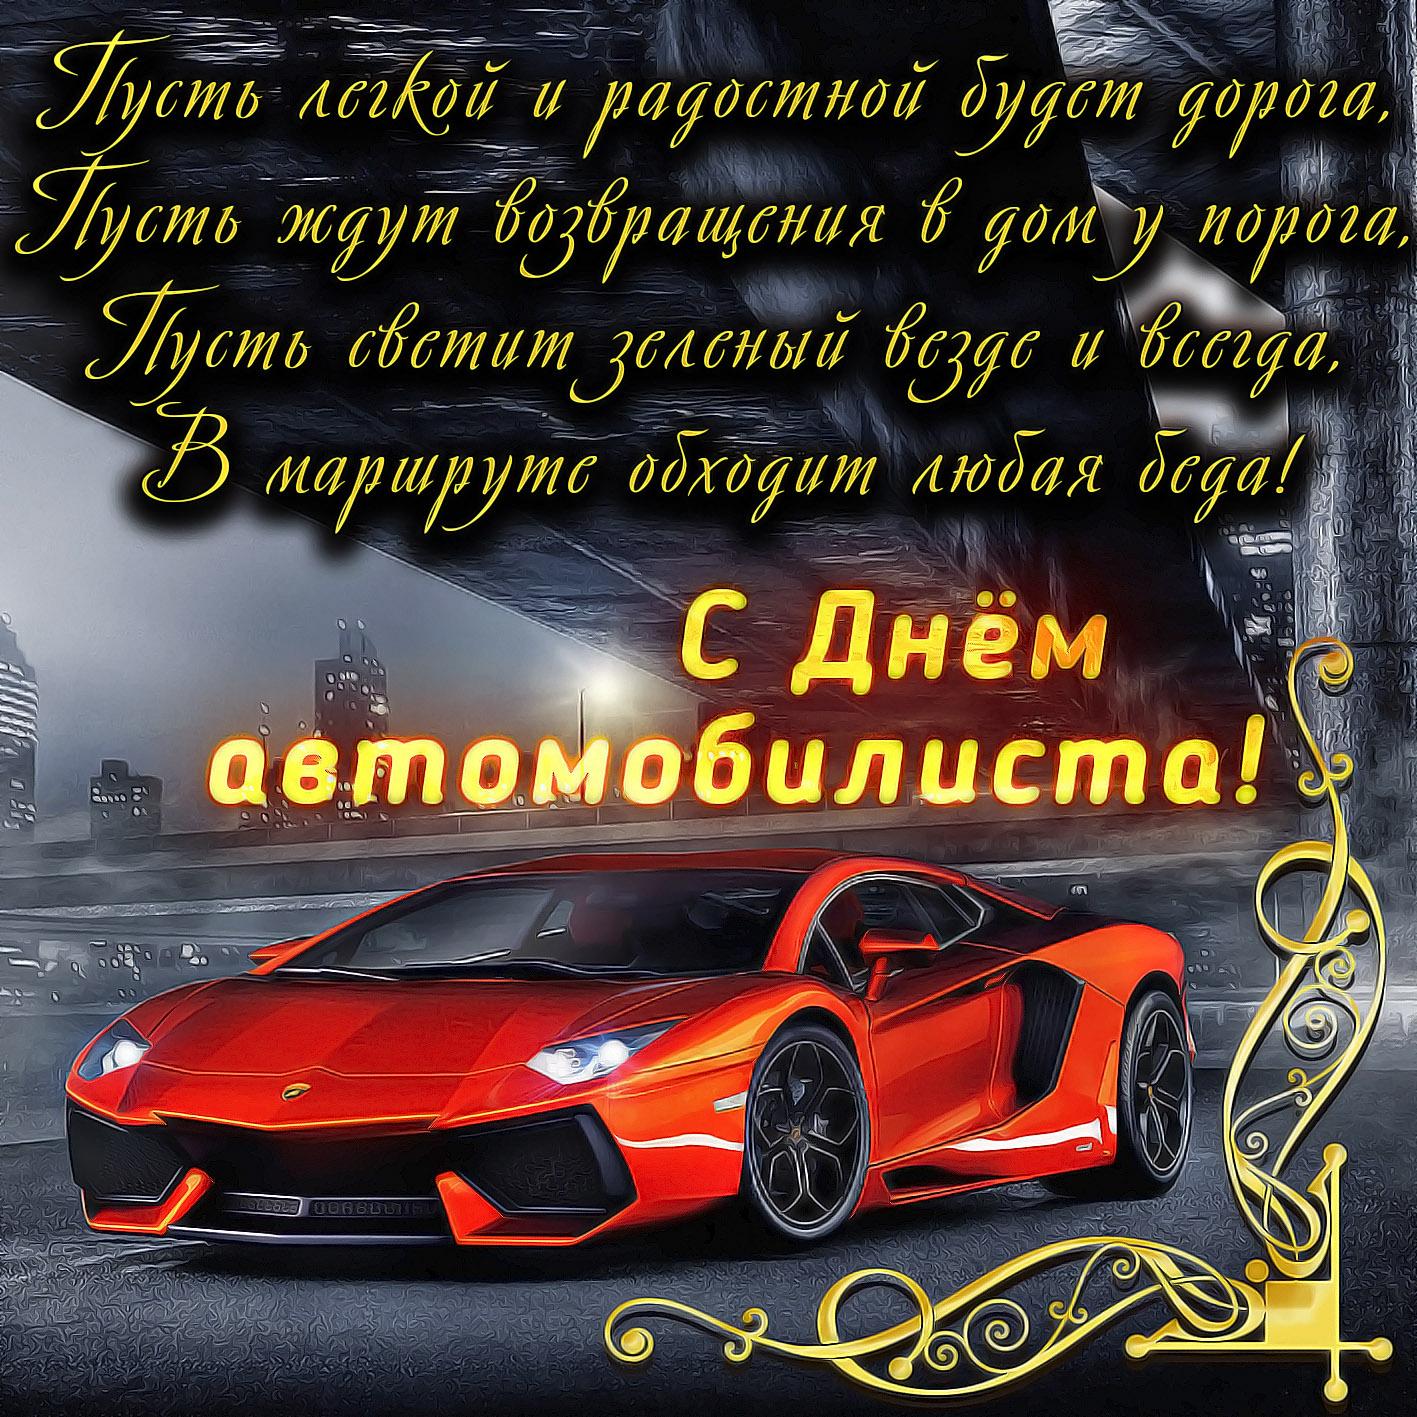 С днем автомобилиста поздравления с картинкой